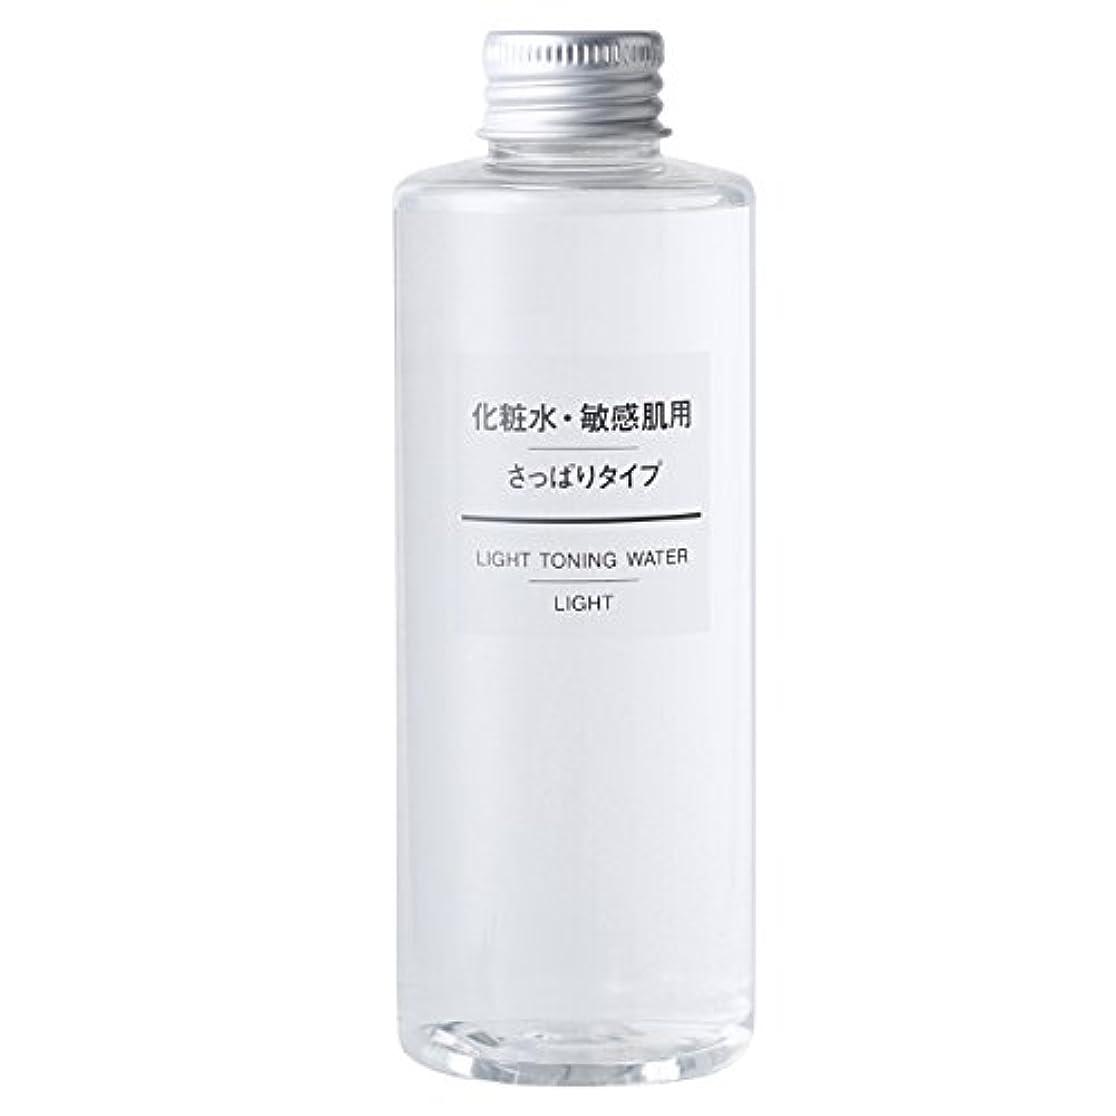 昼食バージン吸収剤無印良品 化粧水?敏感肌用?さっぱりタイプ 200mL